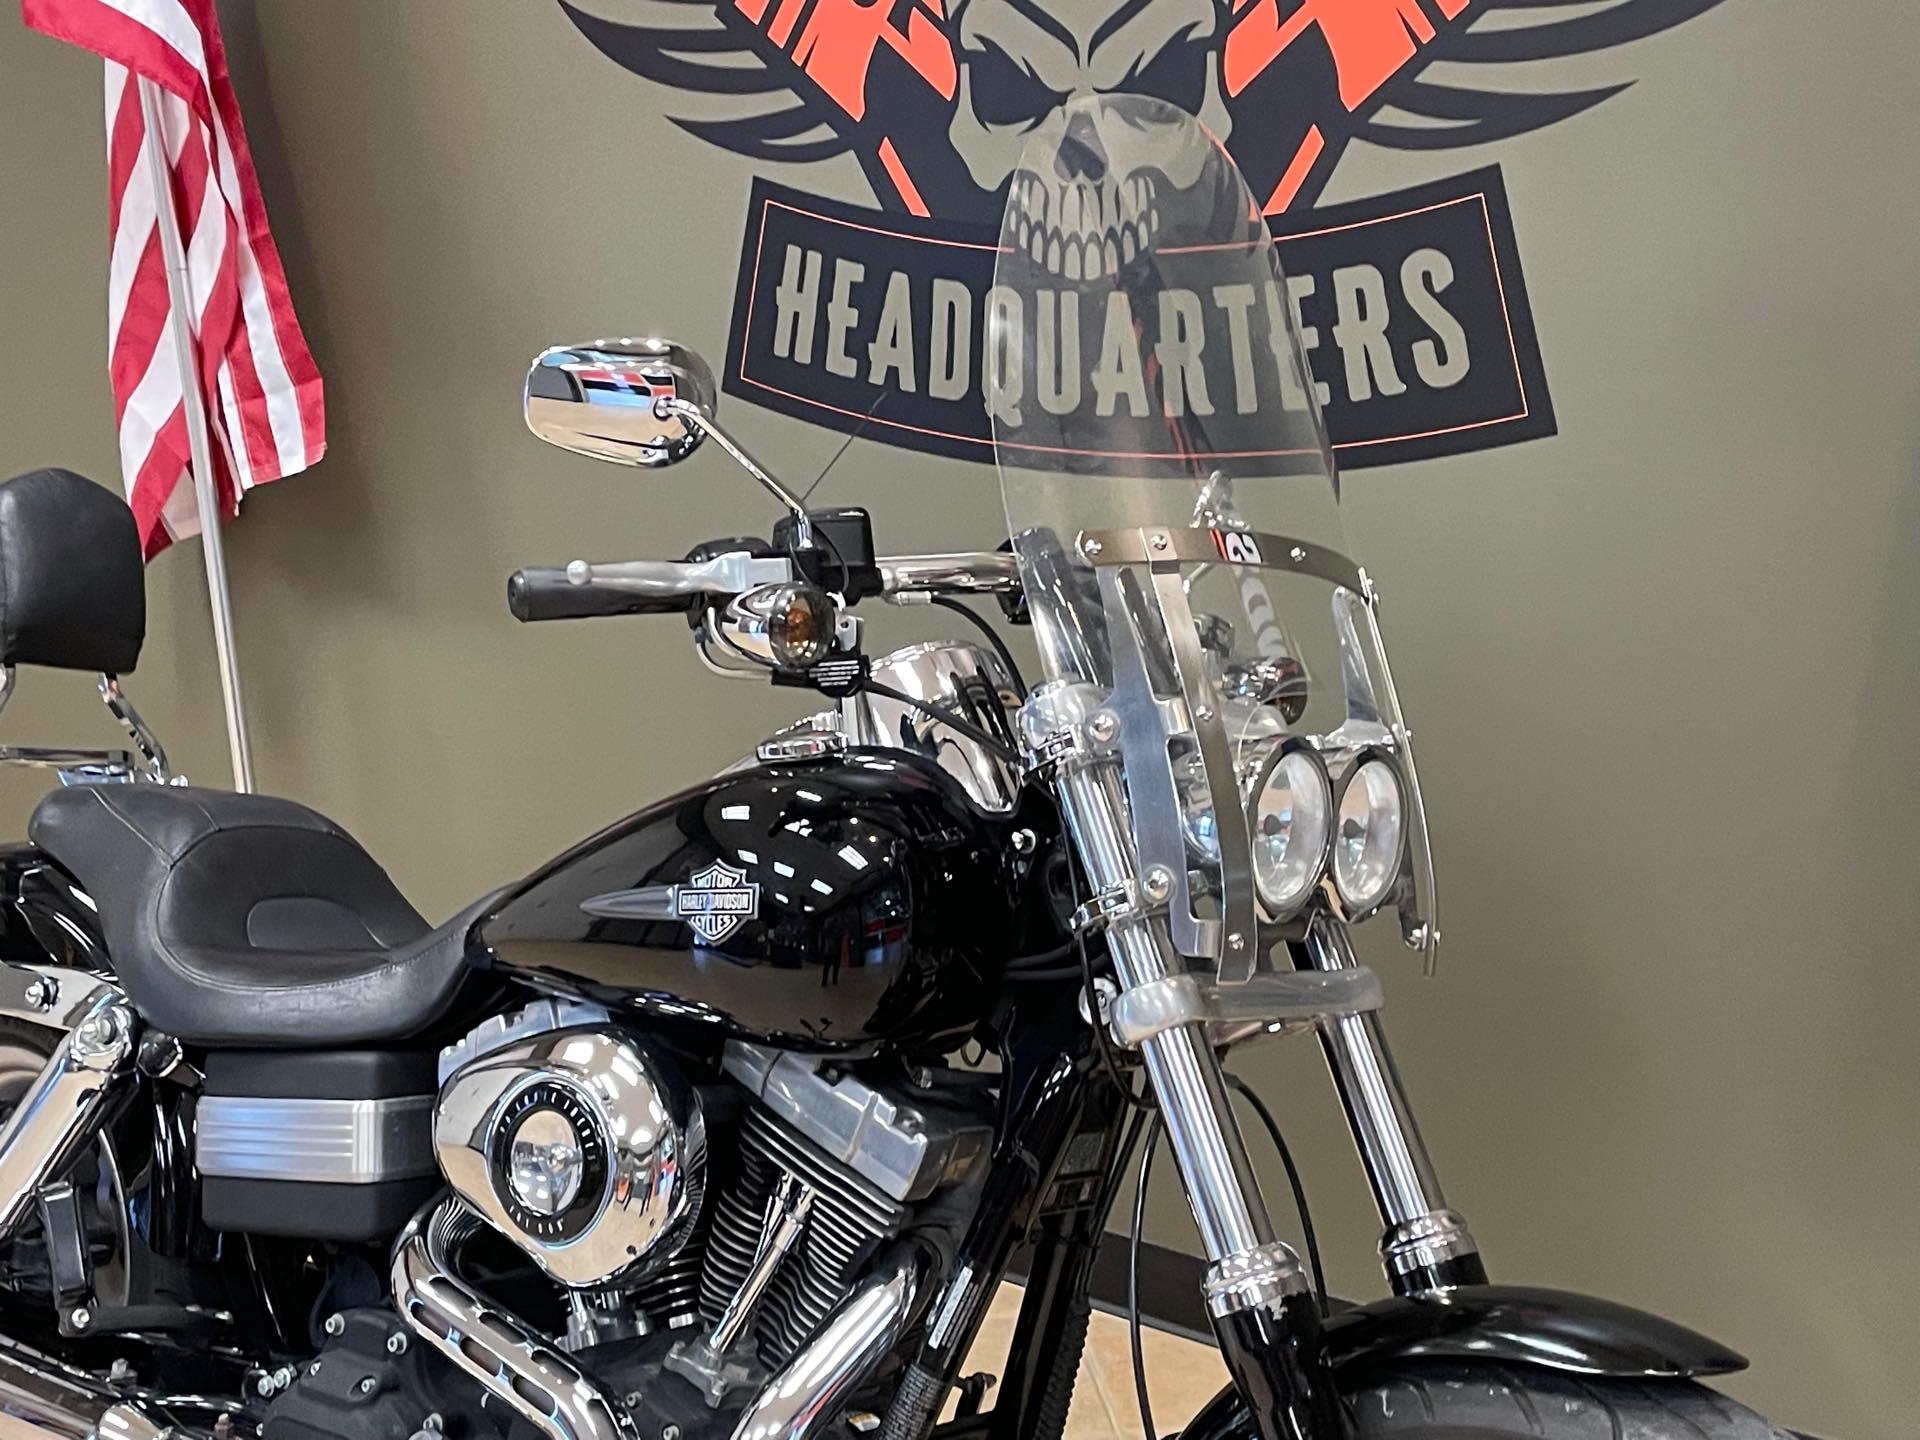 2009 Harley-Davidson Dyna Glide Fat Bob at Loess Hills Harley-Davidson